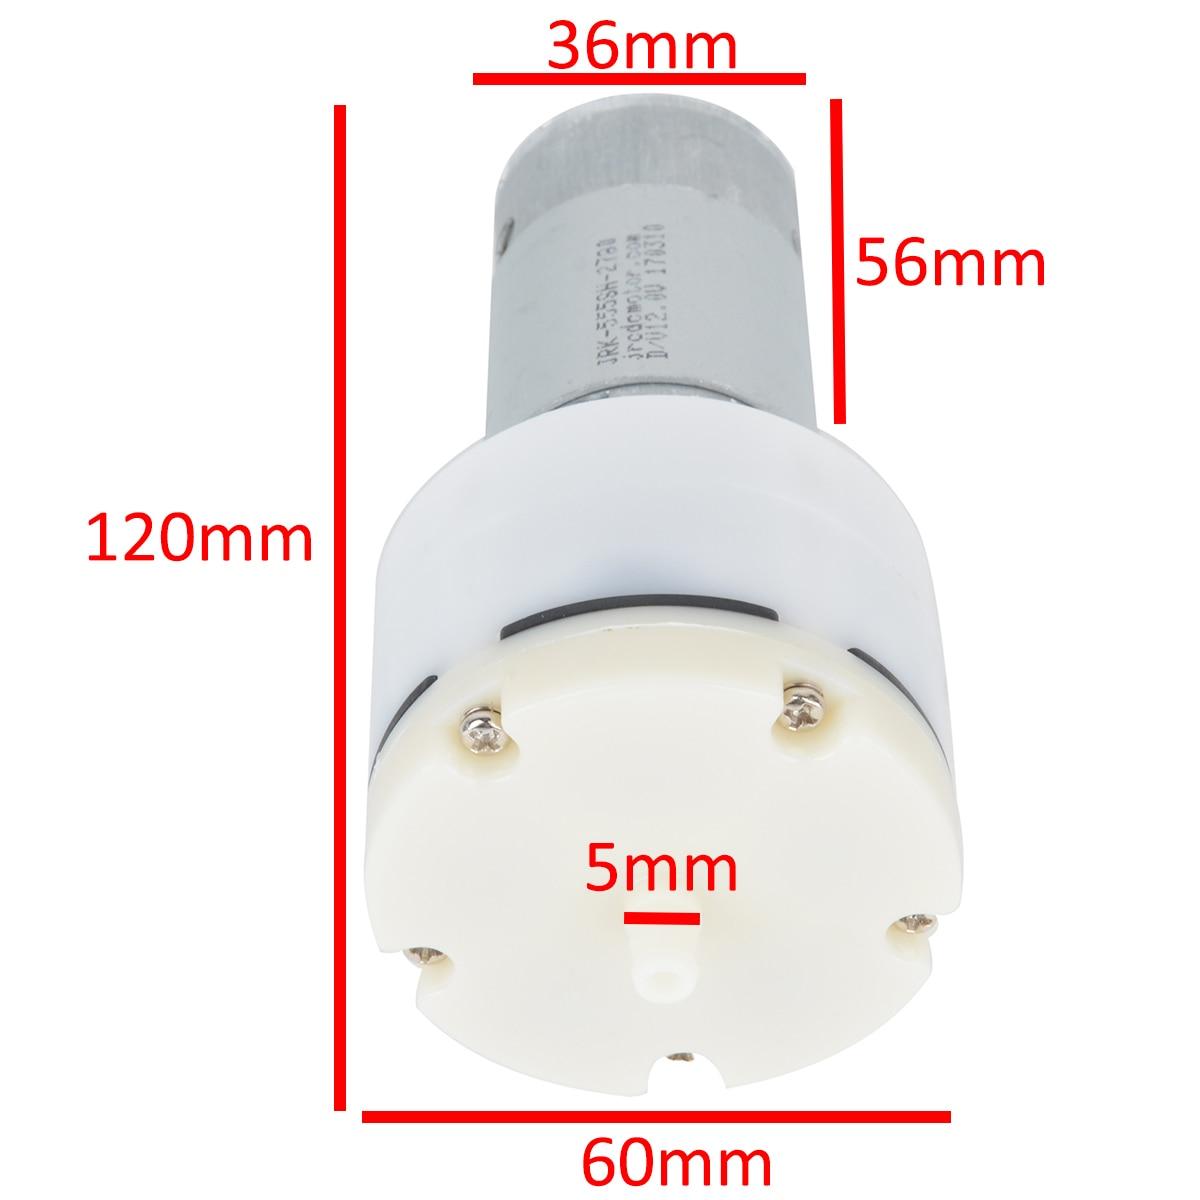 1pc DC 12V High Pressure Diaphragm Air Pump 13L/Min 1500mA Micro Vacuum Pump For Home Appliances